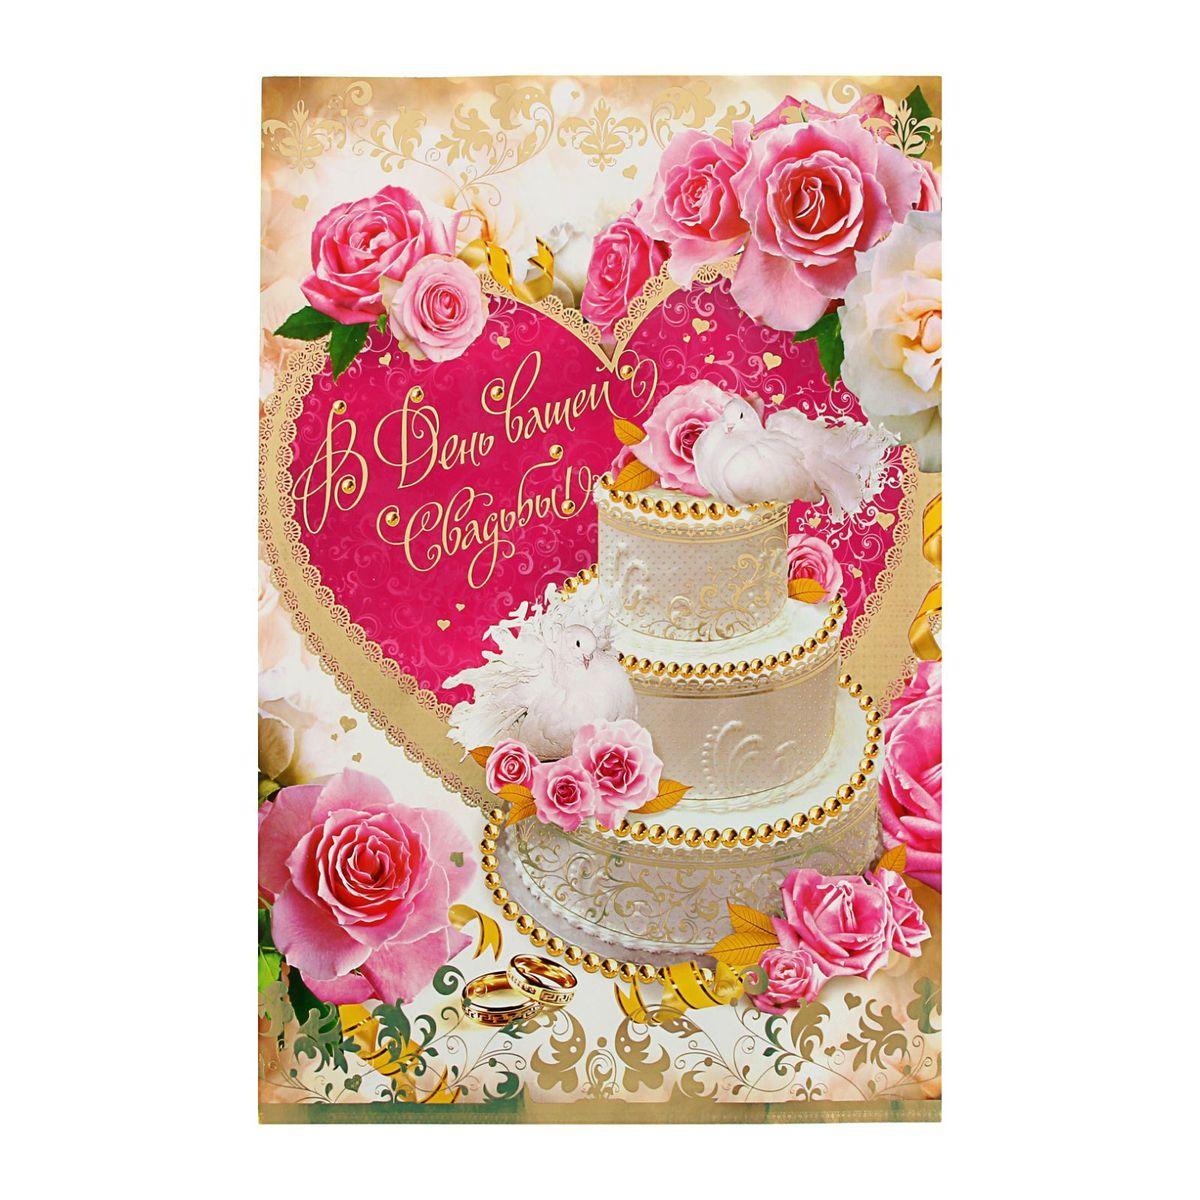 Эдельвейс Открытка С днем вашей свадьбы торт и голубь1263348Если вы хотите порадовать себя или близких, создать праздничное настроение и с улыбкой провести памятный день, то вы, несомненно, сделали правильный выбор! Товар Открытка отличается не только оригинальным дизайном, но и высоким качеством.